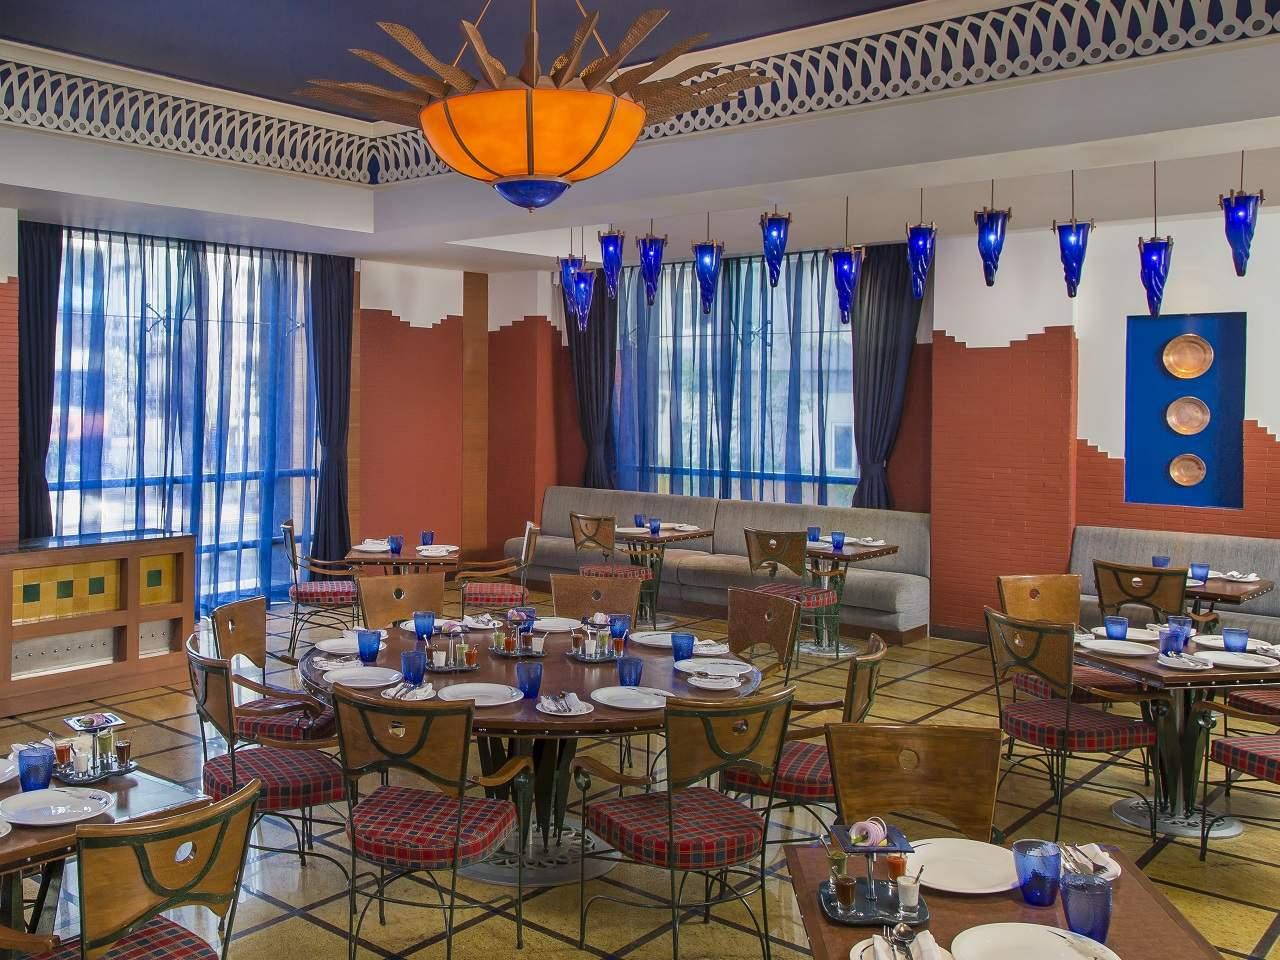 dining-4_1280x960.jpg